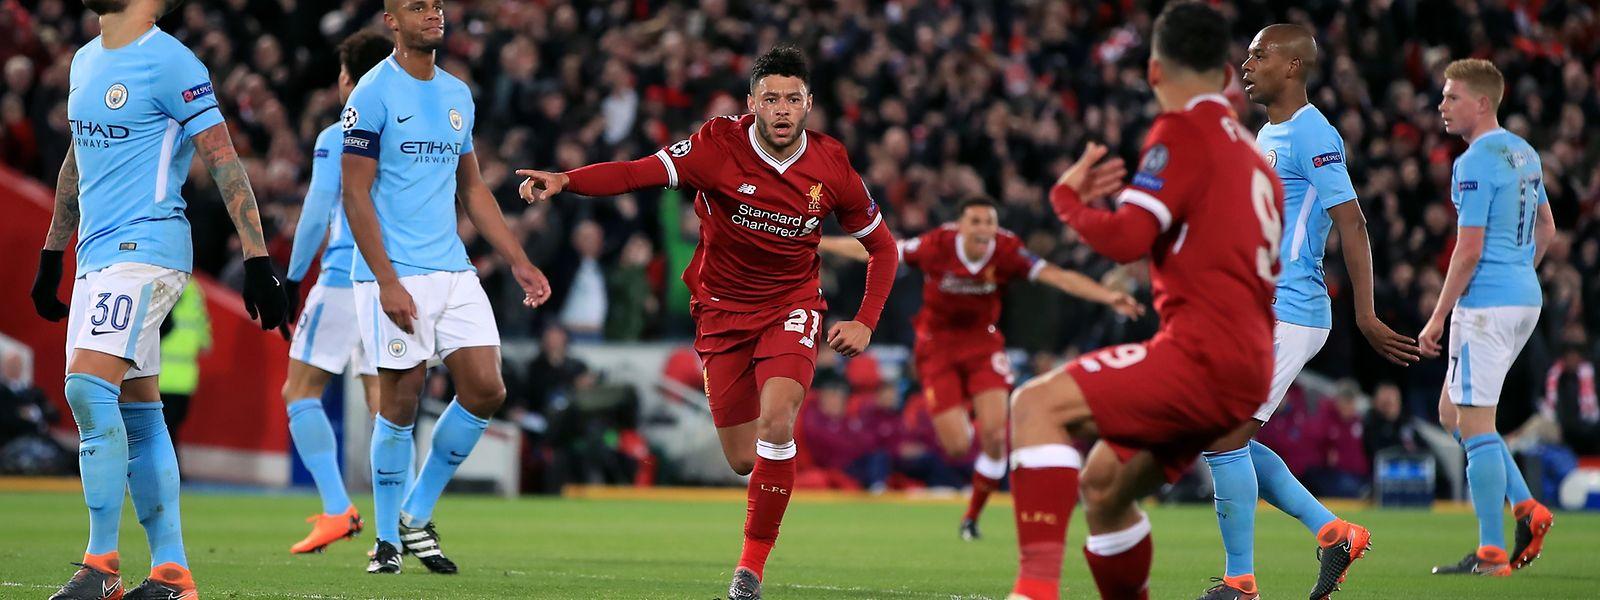 Alex Oxlade-Chamberlain erzielte das 2:0 für Liverpool mit einem Sonntagsschuss.